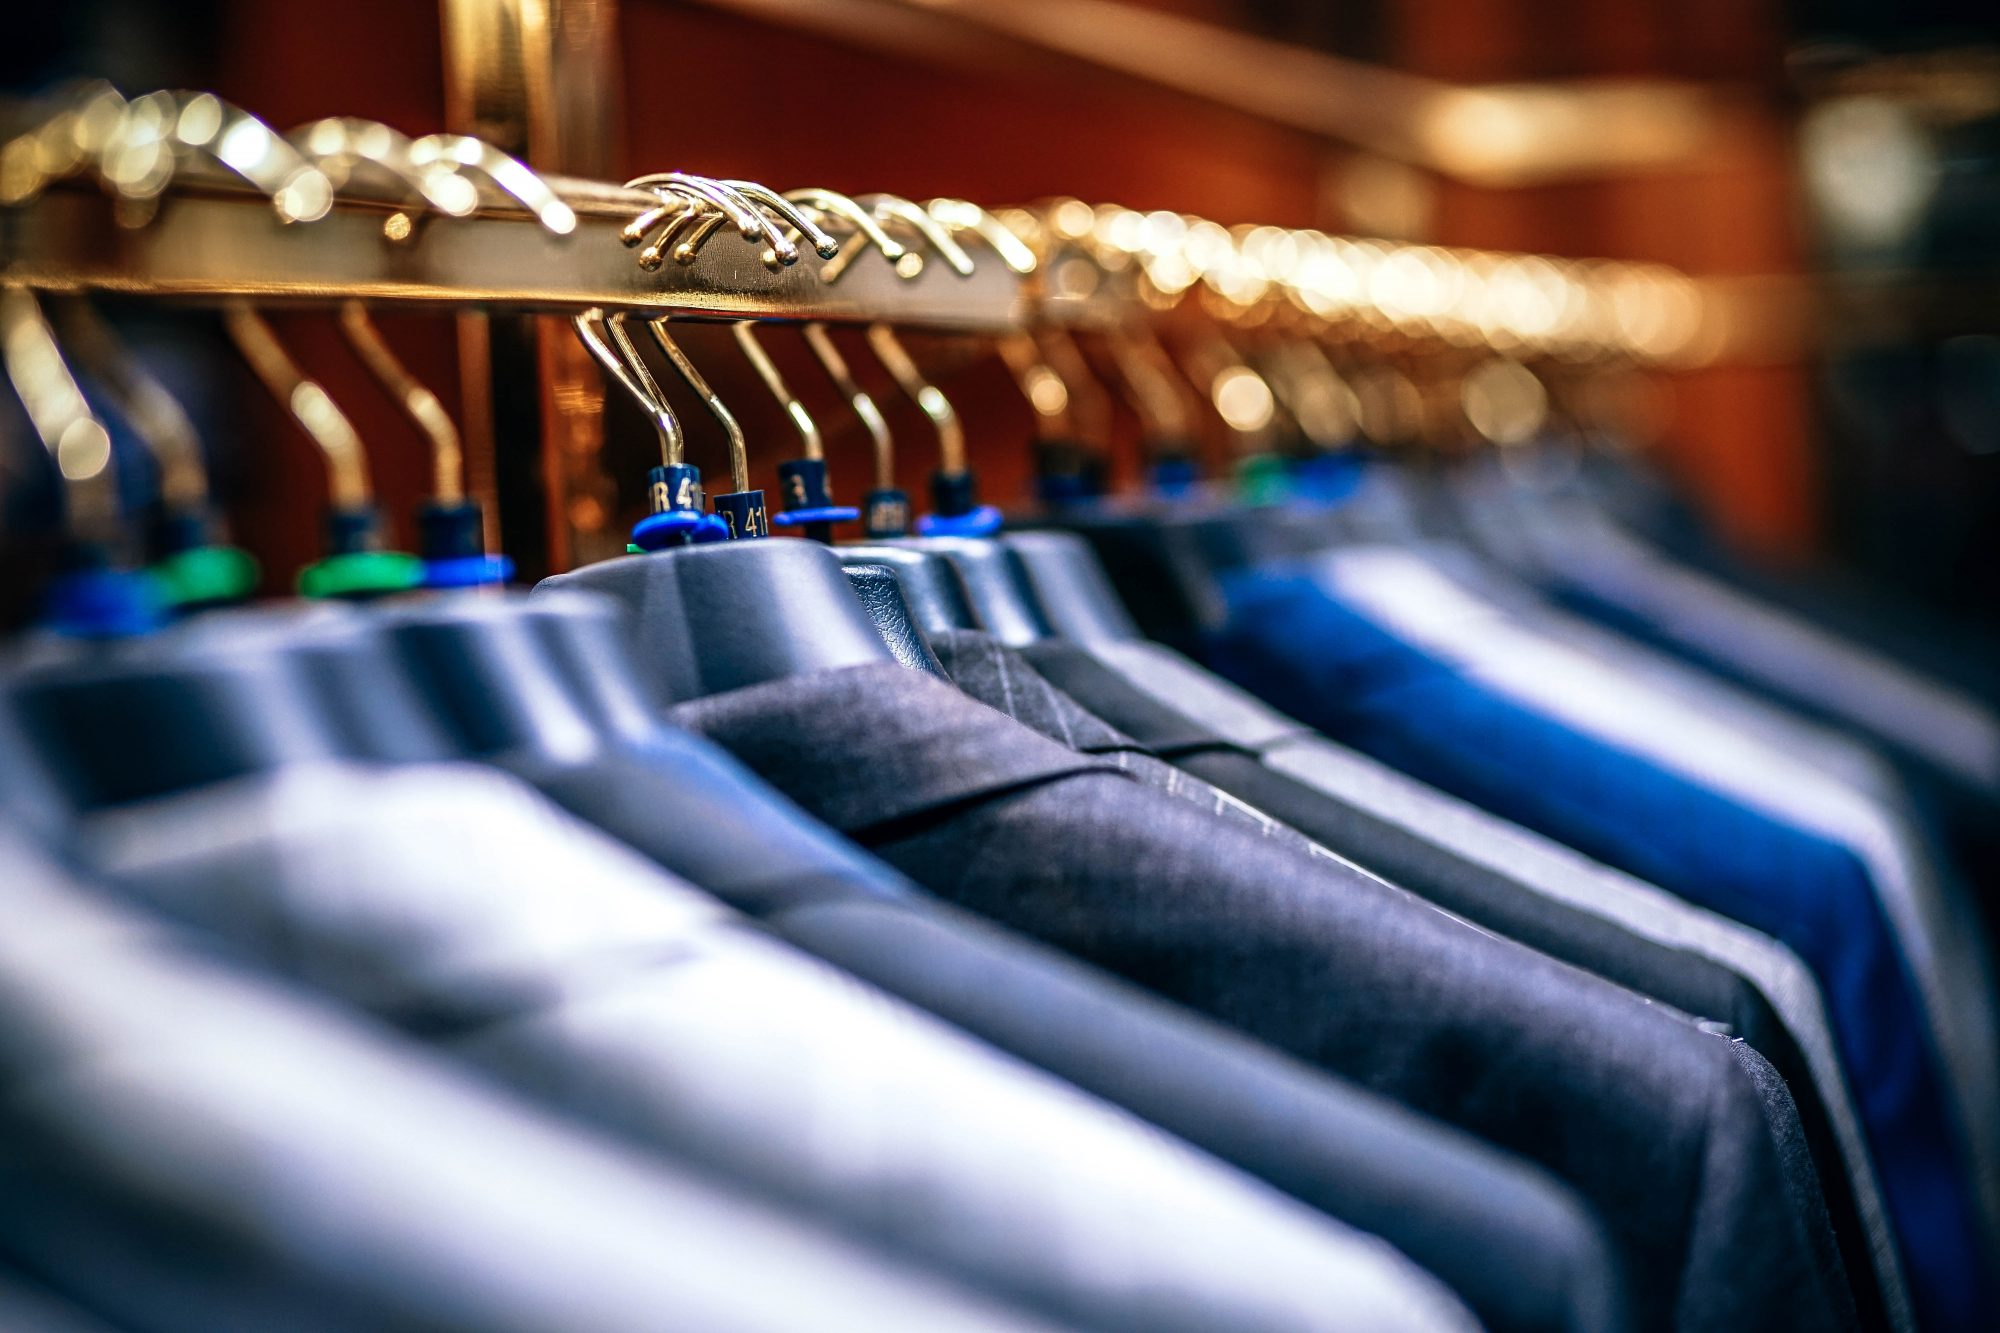 getest: de beste kledingstomers uit de test van 2020